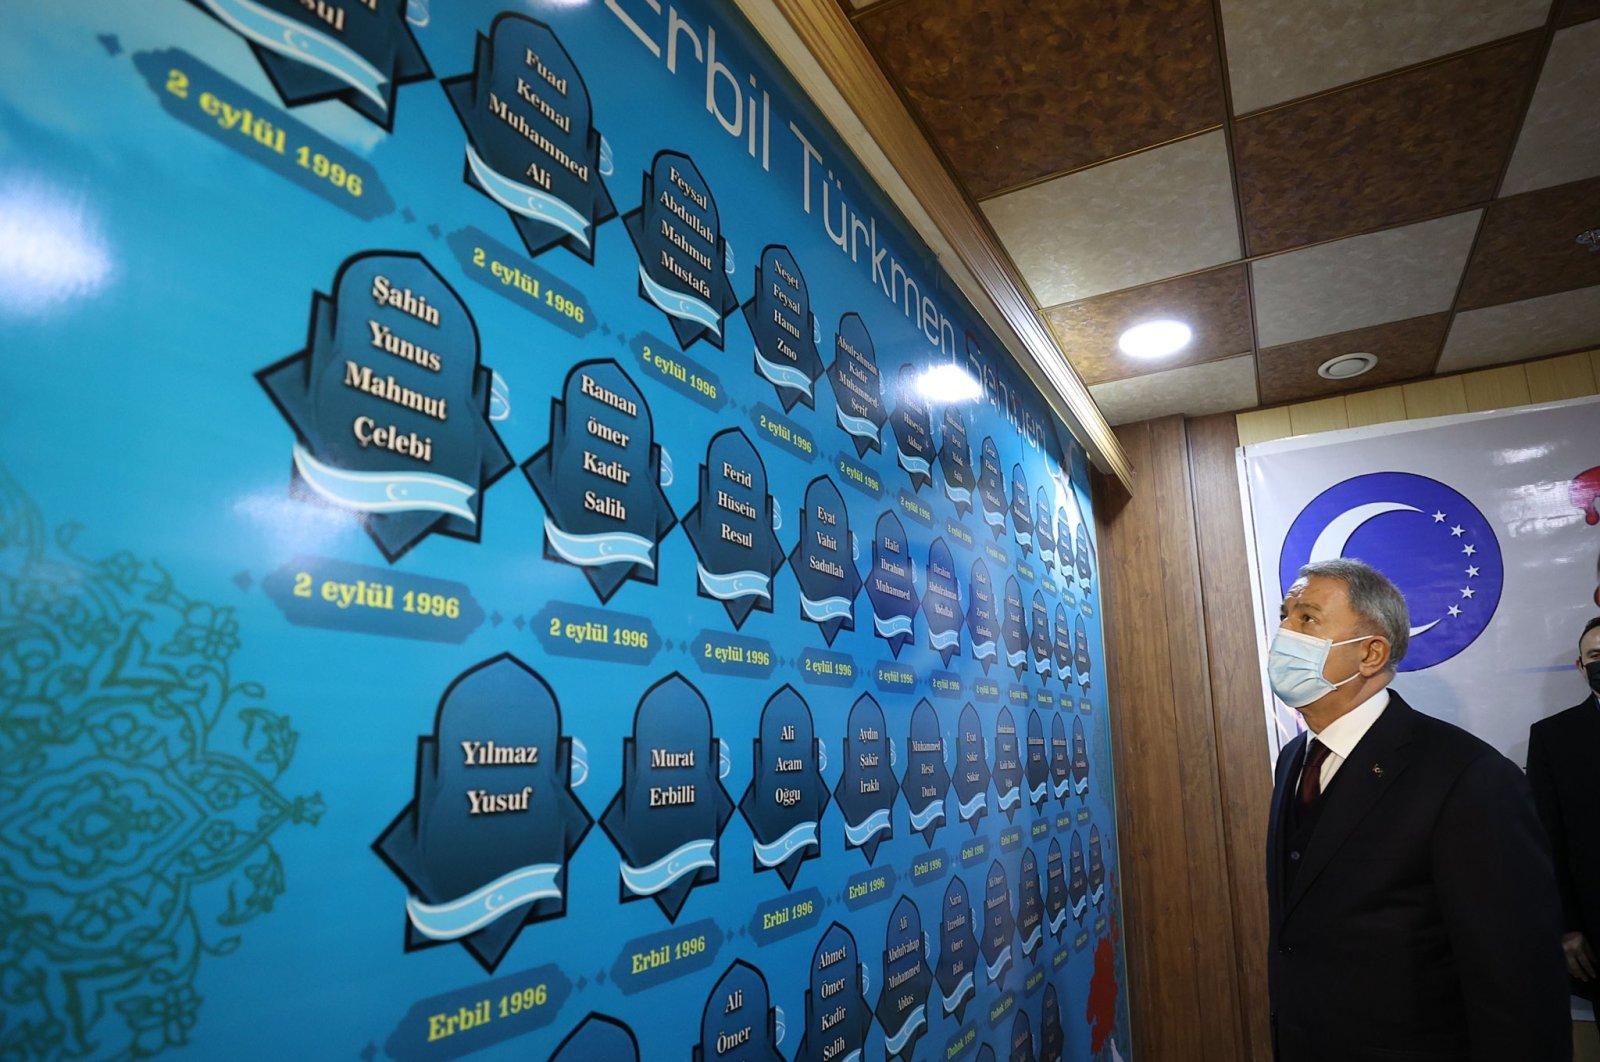 Defense Minister Hulusi Akar visits the Iraqi Turkmen Front headquarters in Irbil, Iraq, Jan. 20, 2021. (DHA Photo)